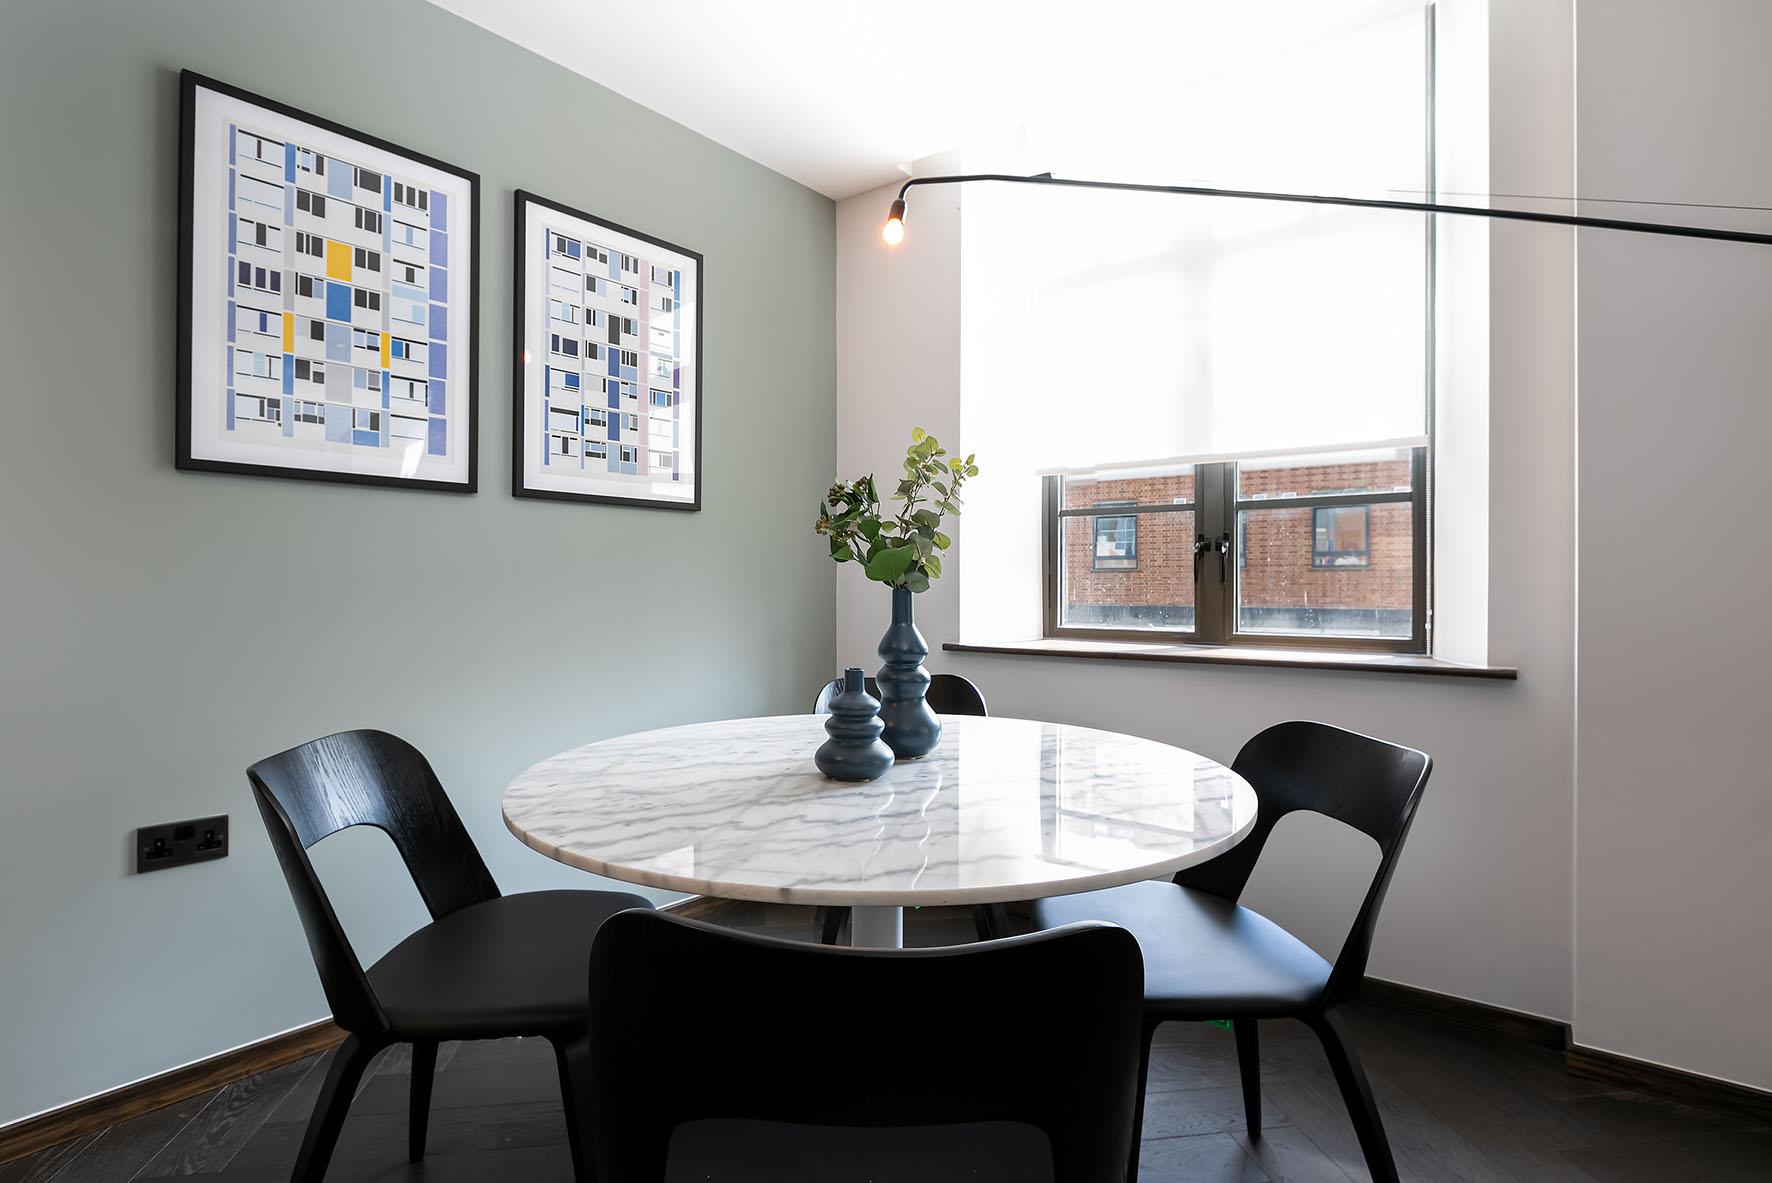 Lovelydays luxury service apartment rental - London - Soho - Oxford Street V - Lovelysuite - 1 bedrooms - 1 bathrooms - Dining living room - 6b63c6e9593e - Lovelydays